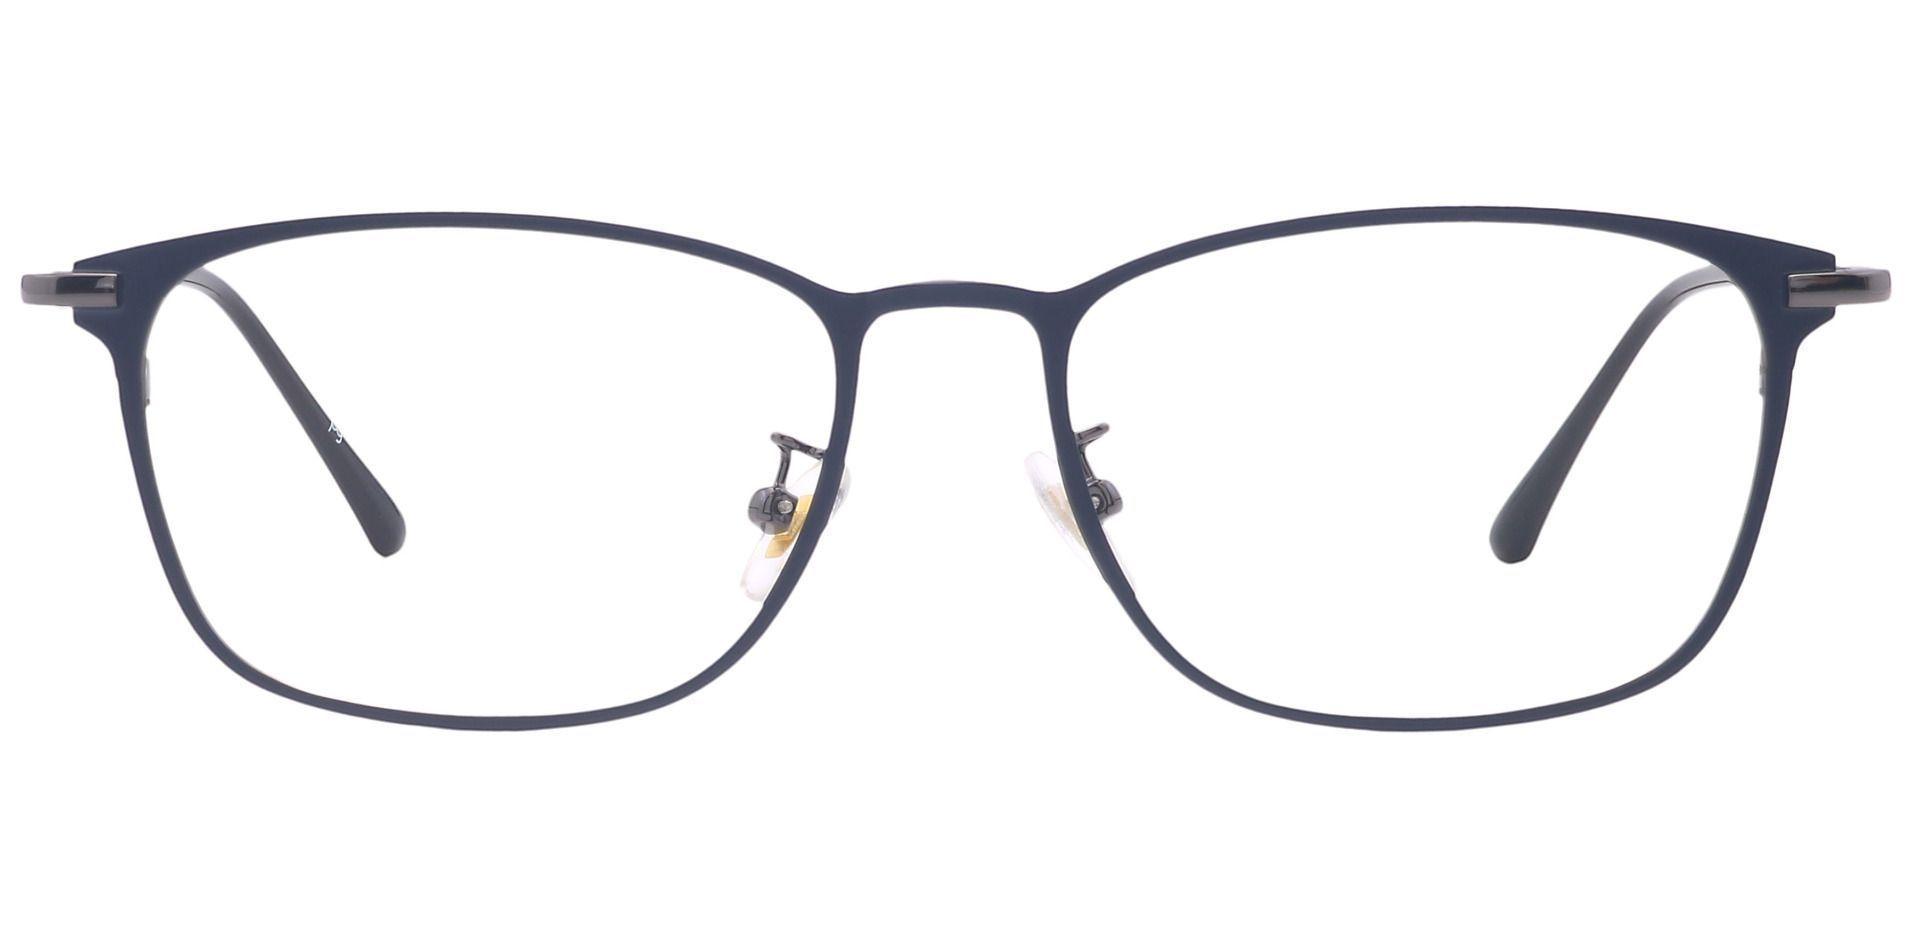 Jade Oval Lined Bifocal Glasses - Black